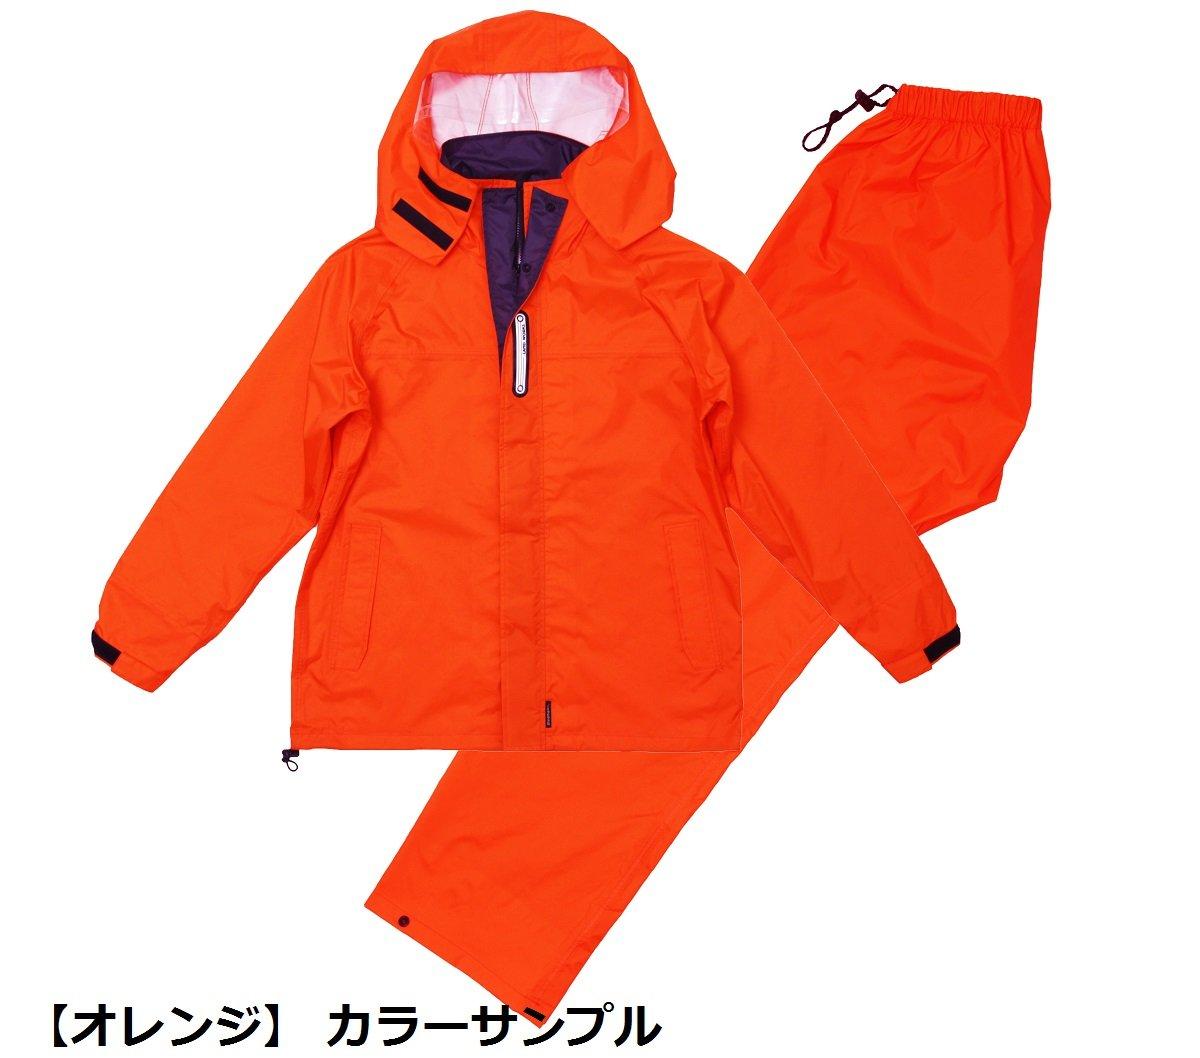 東レ「ブリザテック」採用の雨合羽:カラーオレンジ